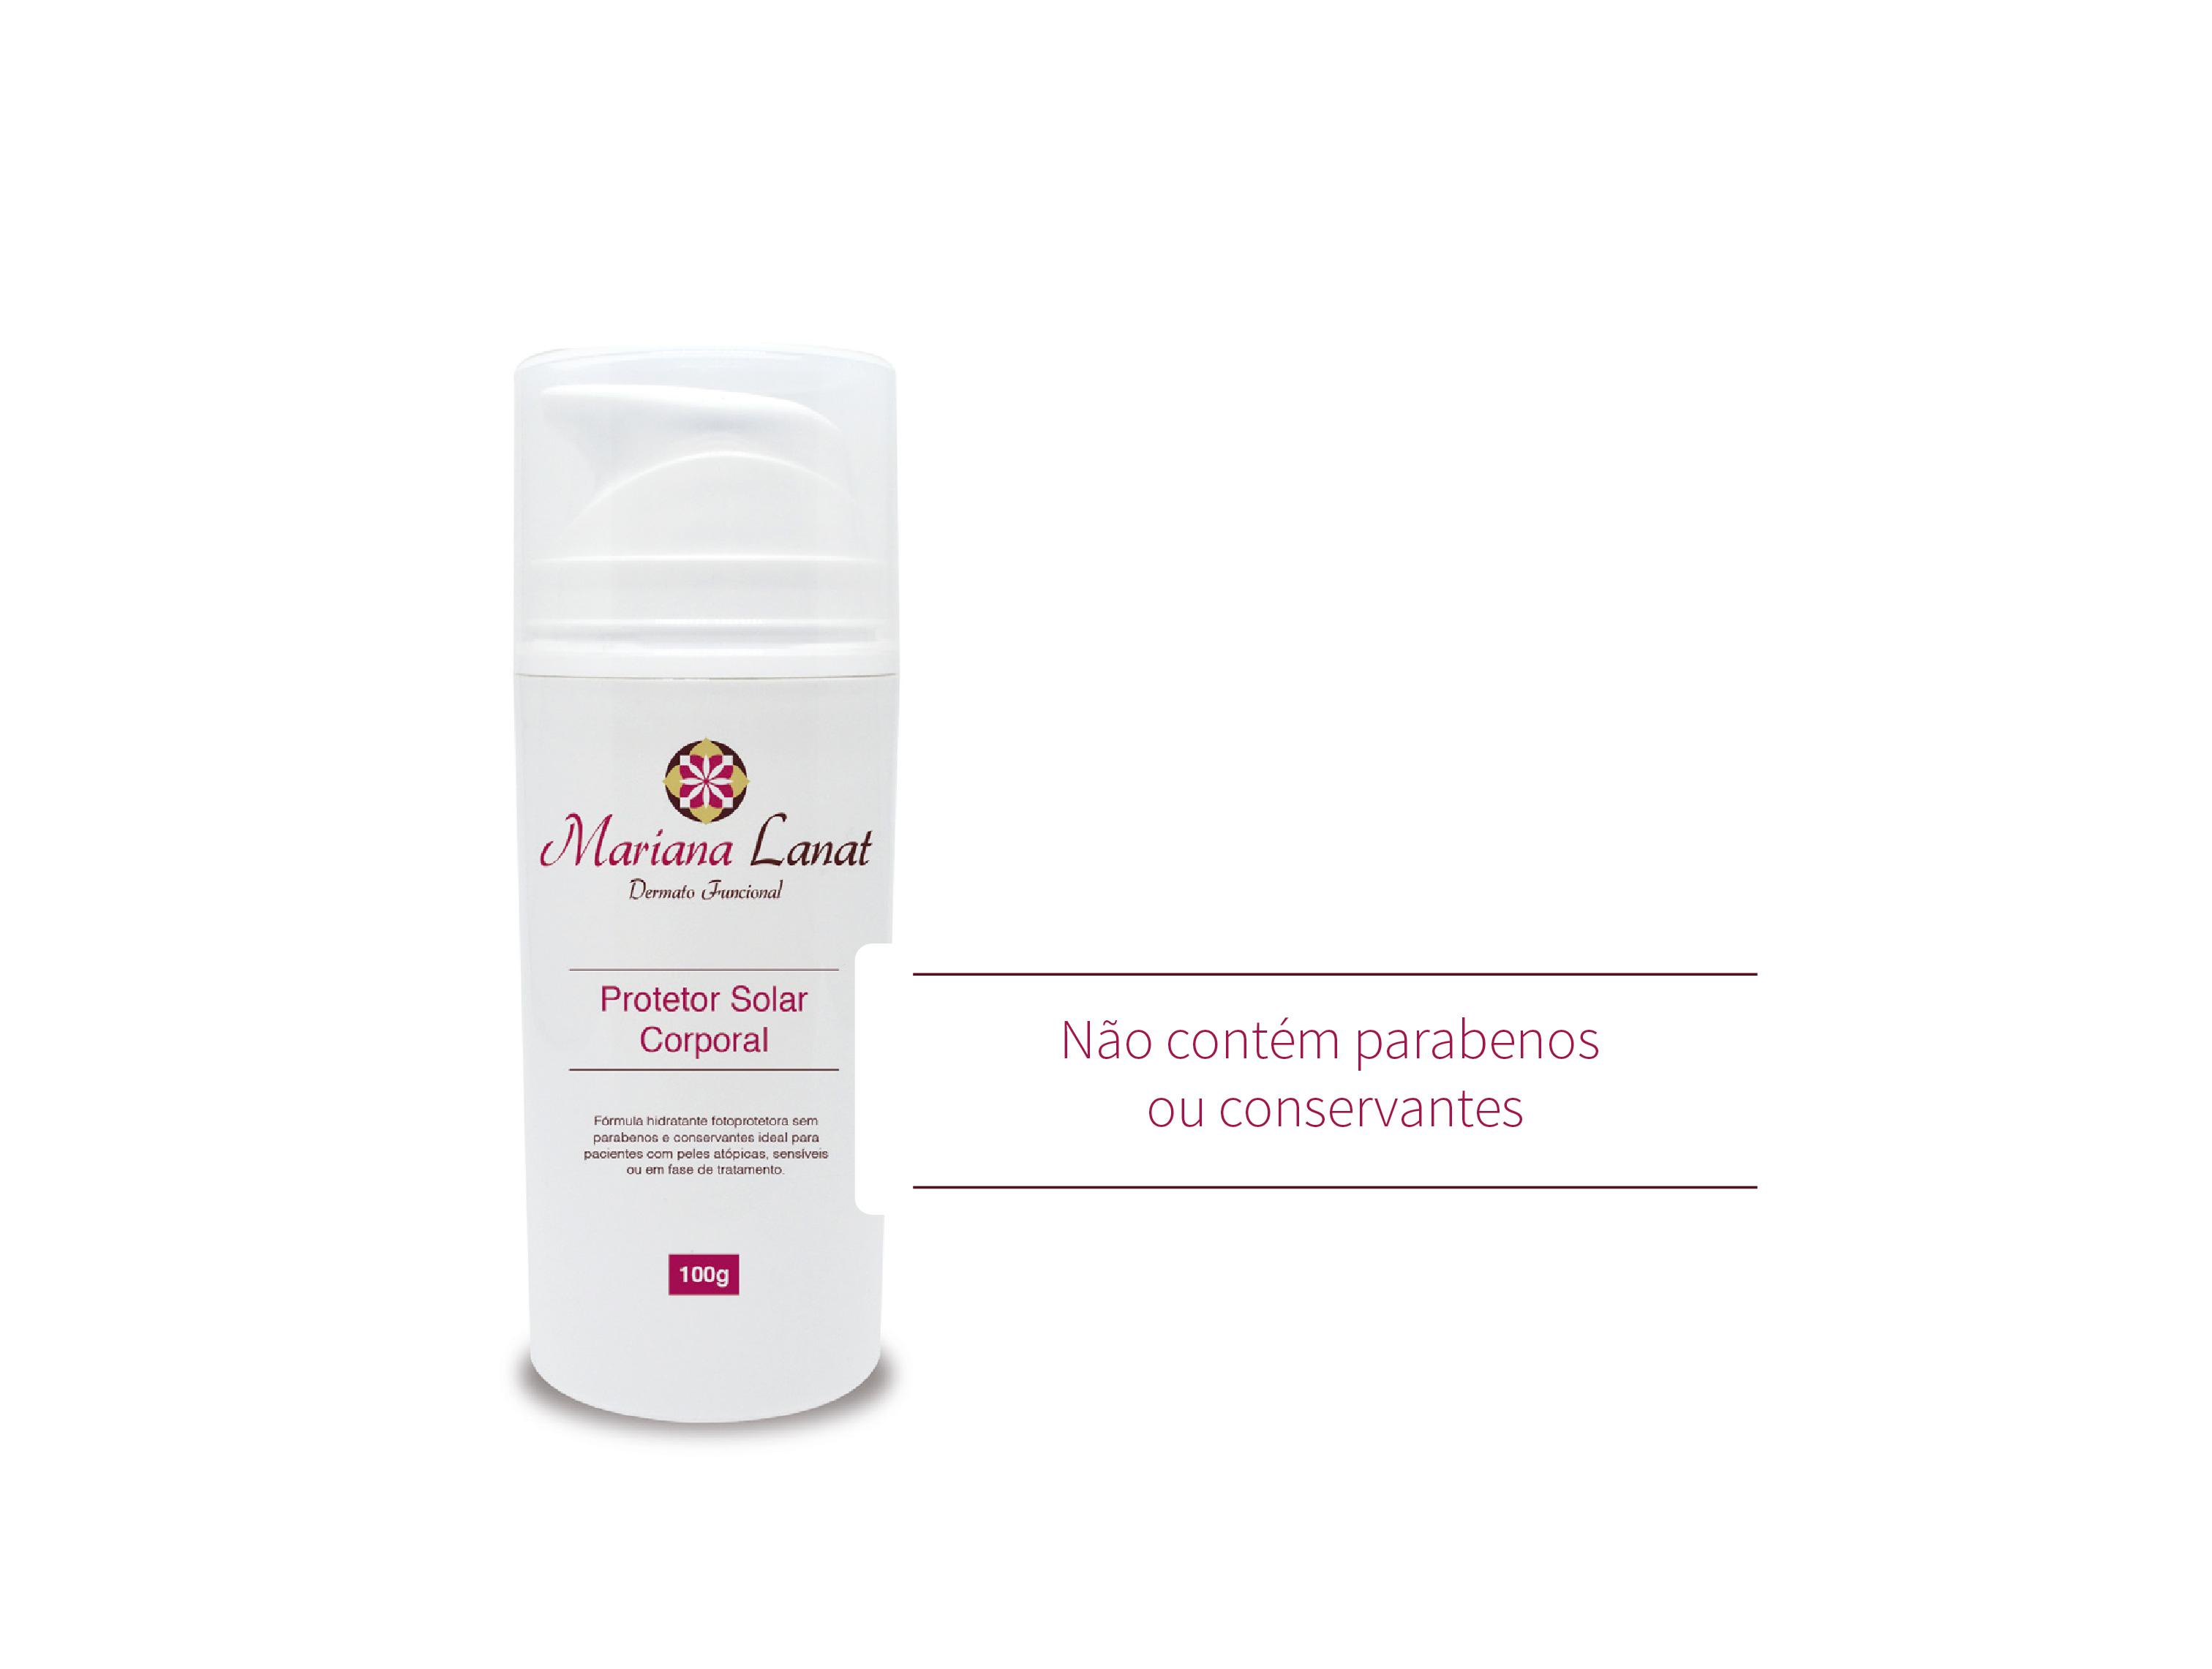 Fórmula hidratante fotoprotetora sem parabenos e conservantes ideal para pacientes com peles atópicas, sensíveis ou em fase de tratamento.